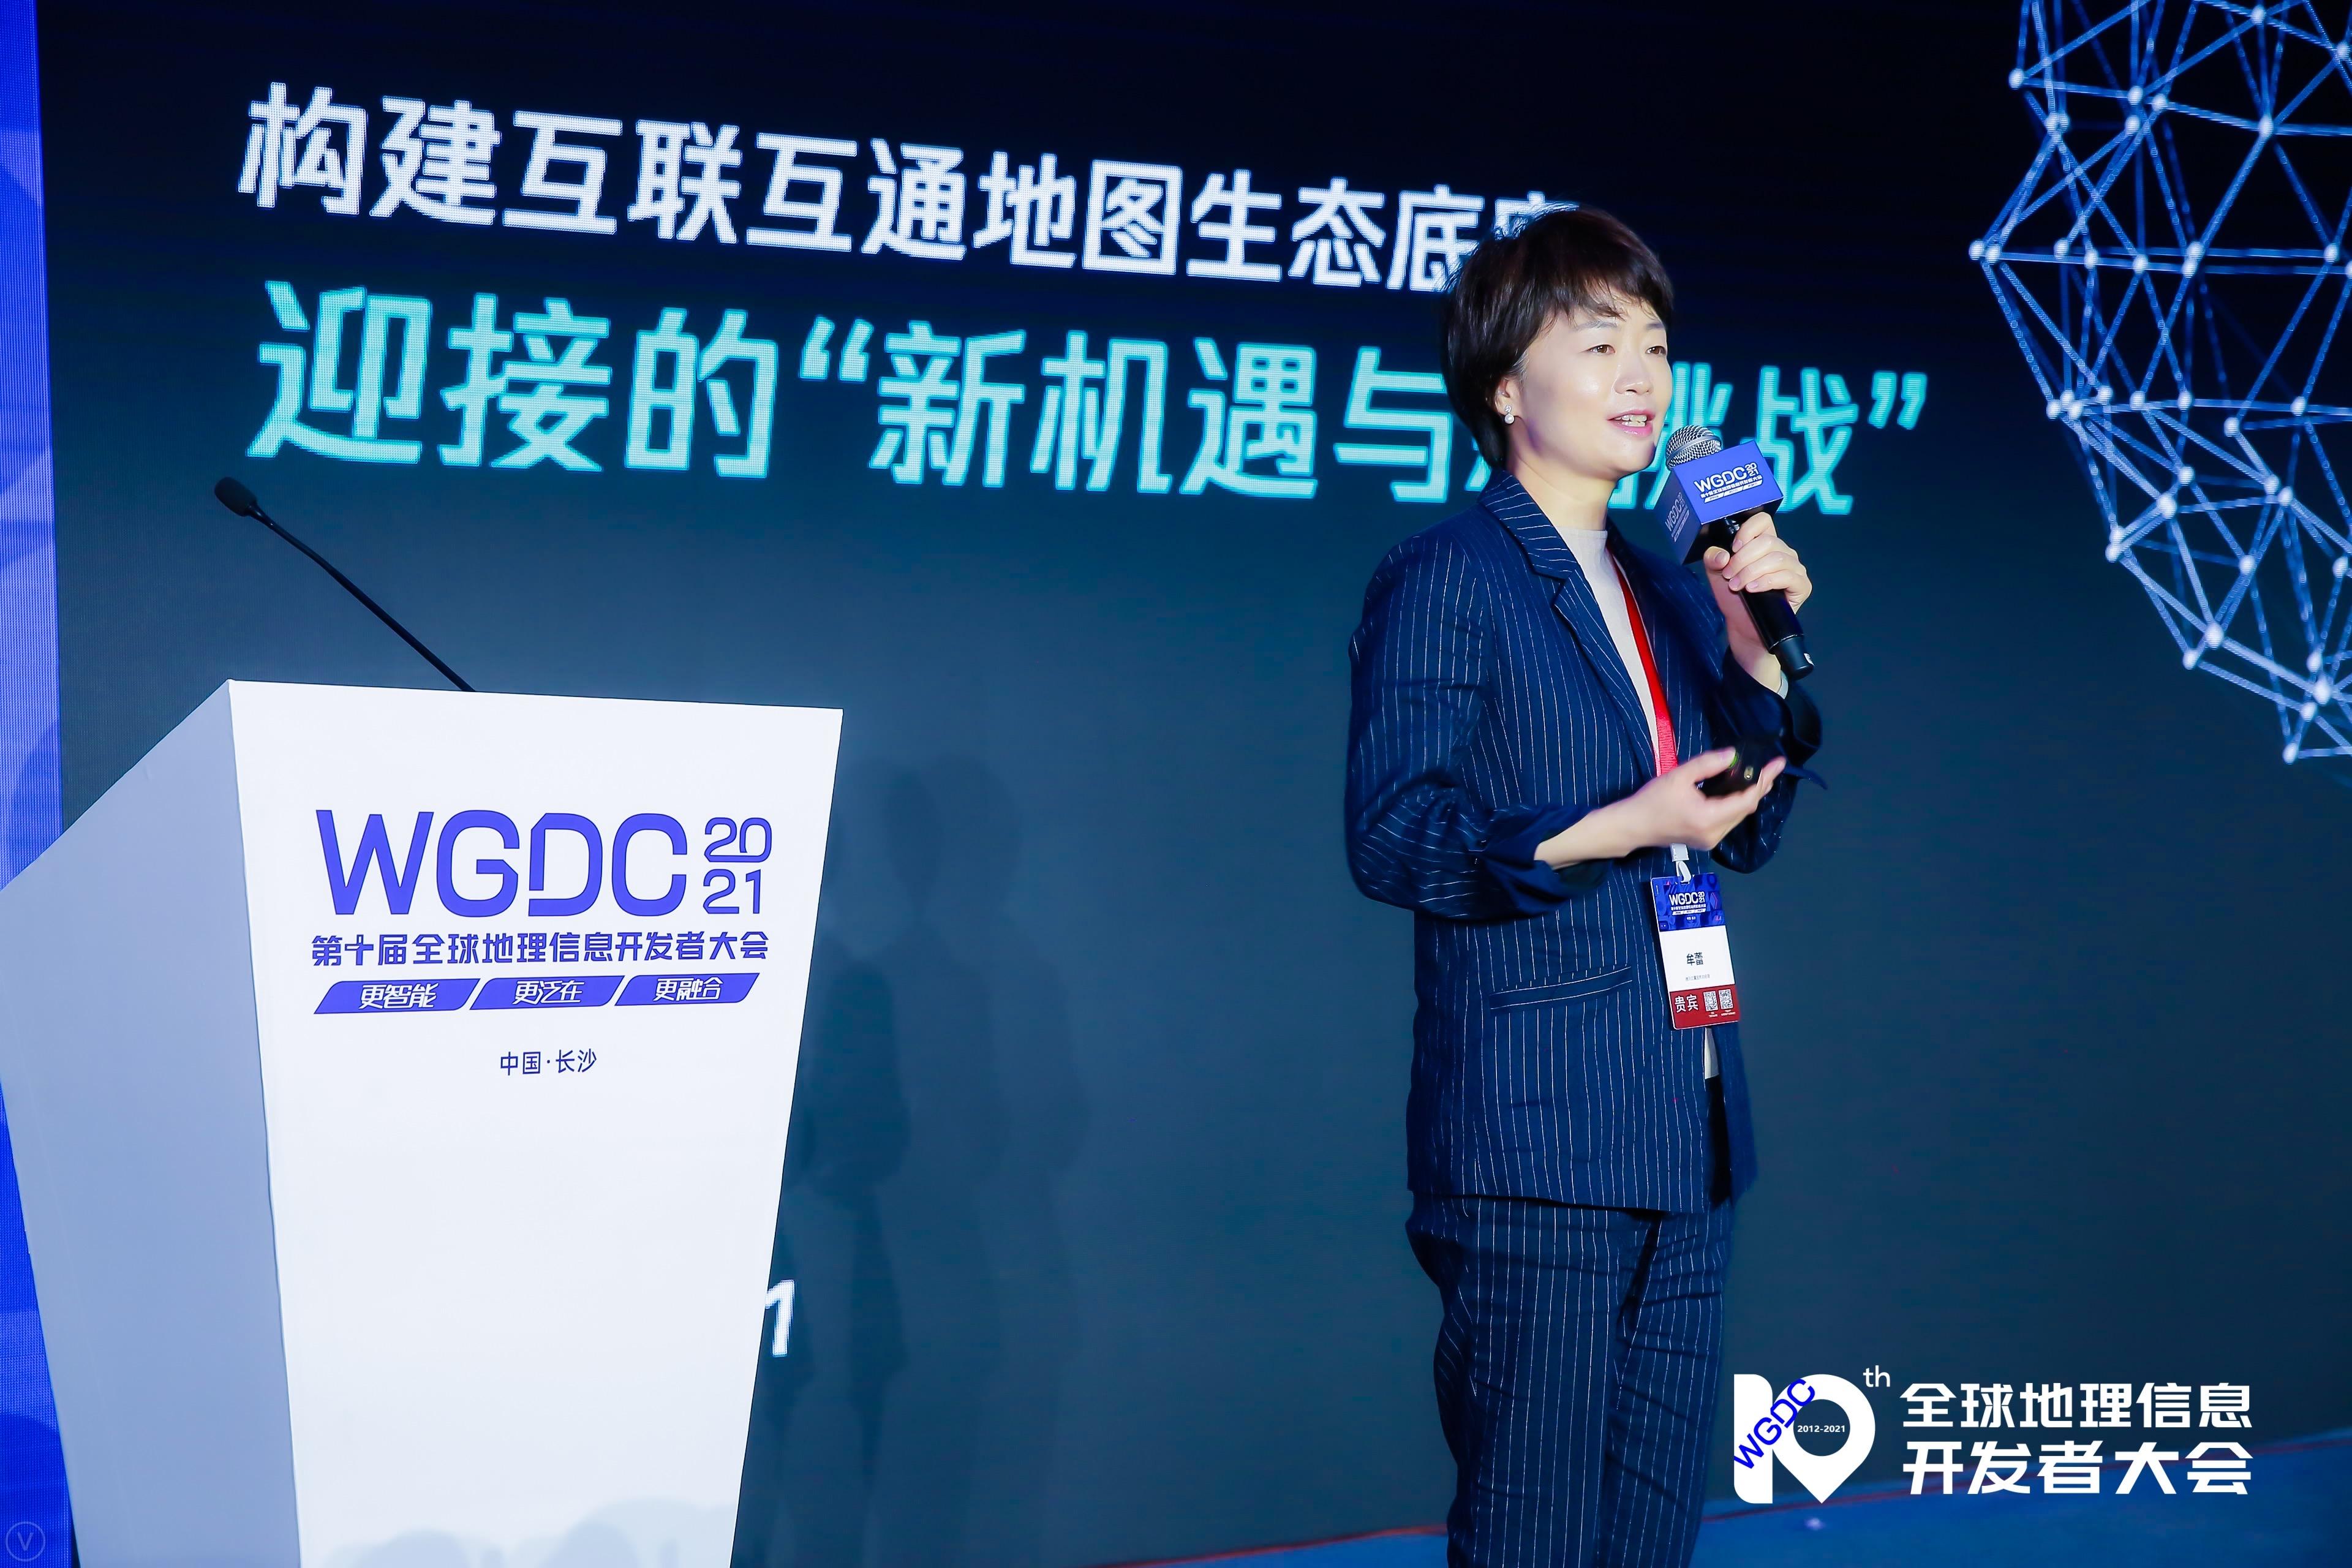 第十届全球地理信息开发者大会圆满落幕 百位院士专家齐聚长沙